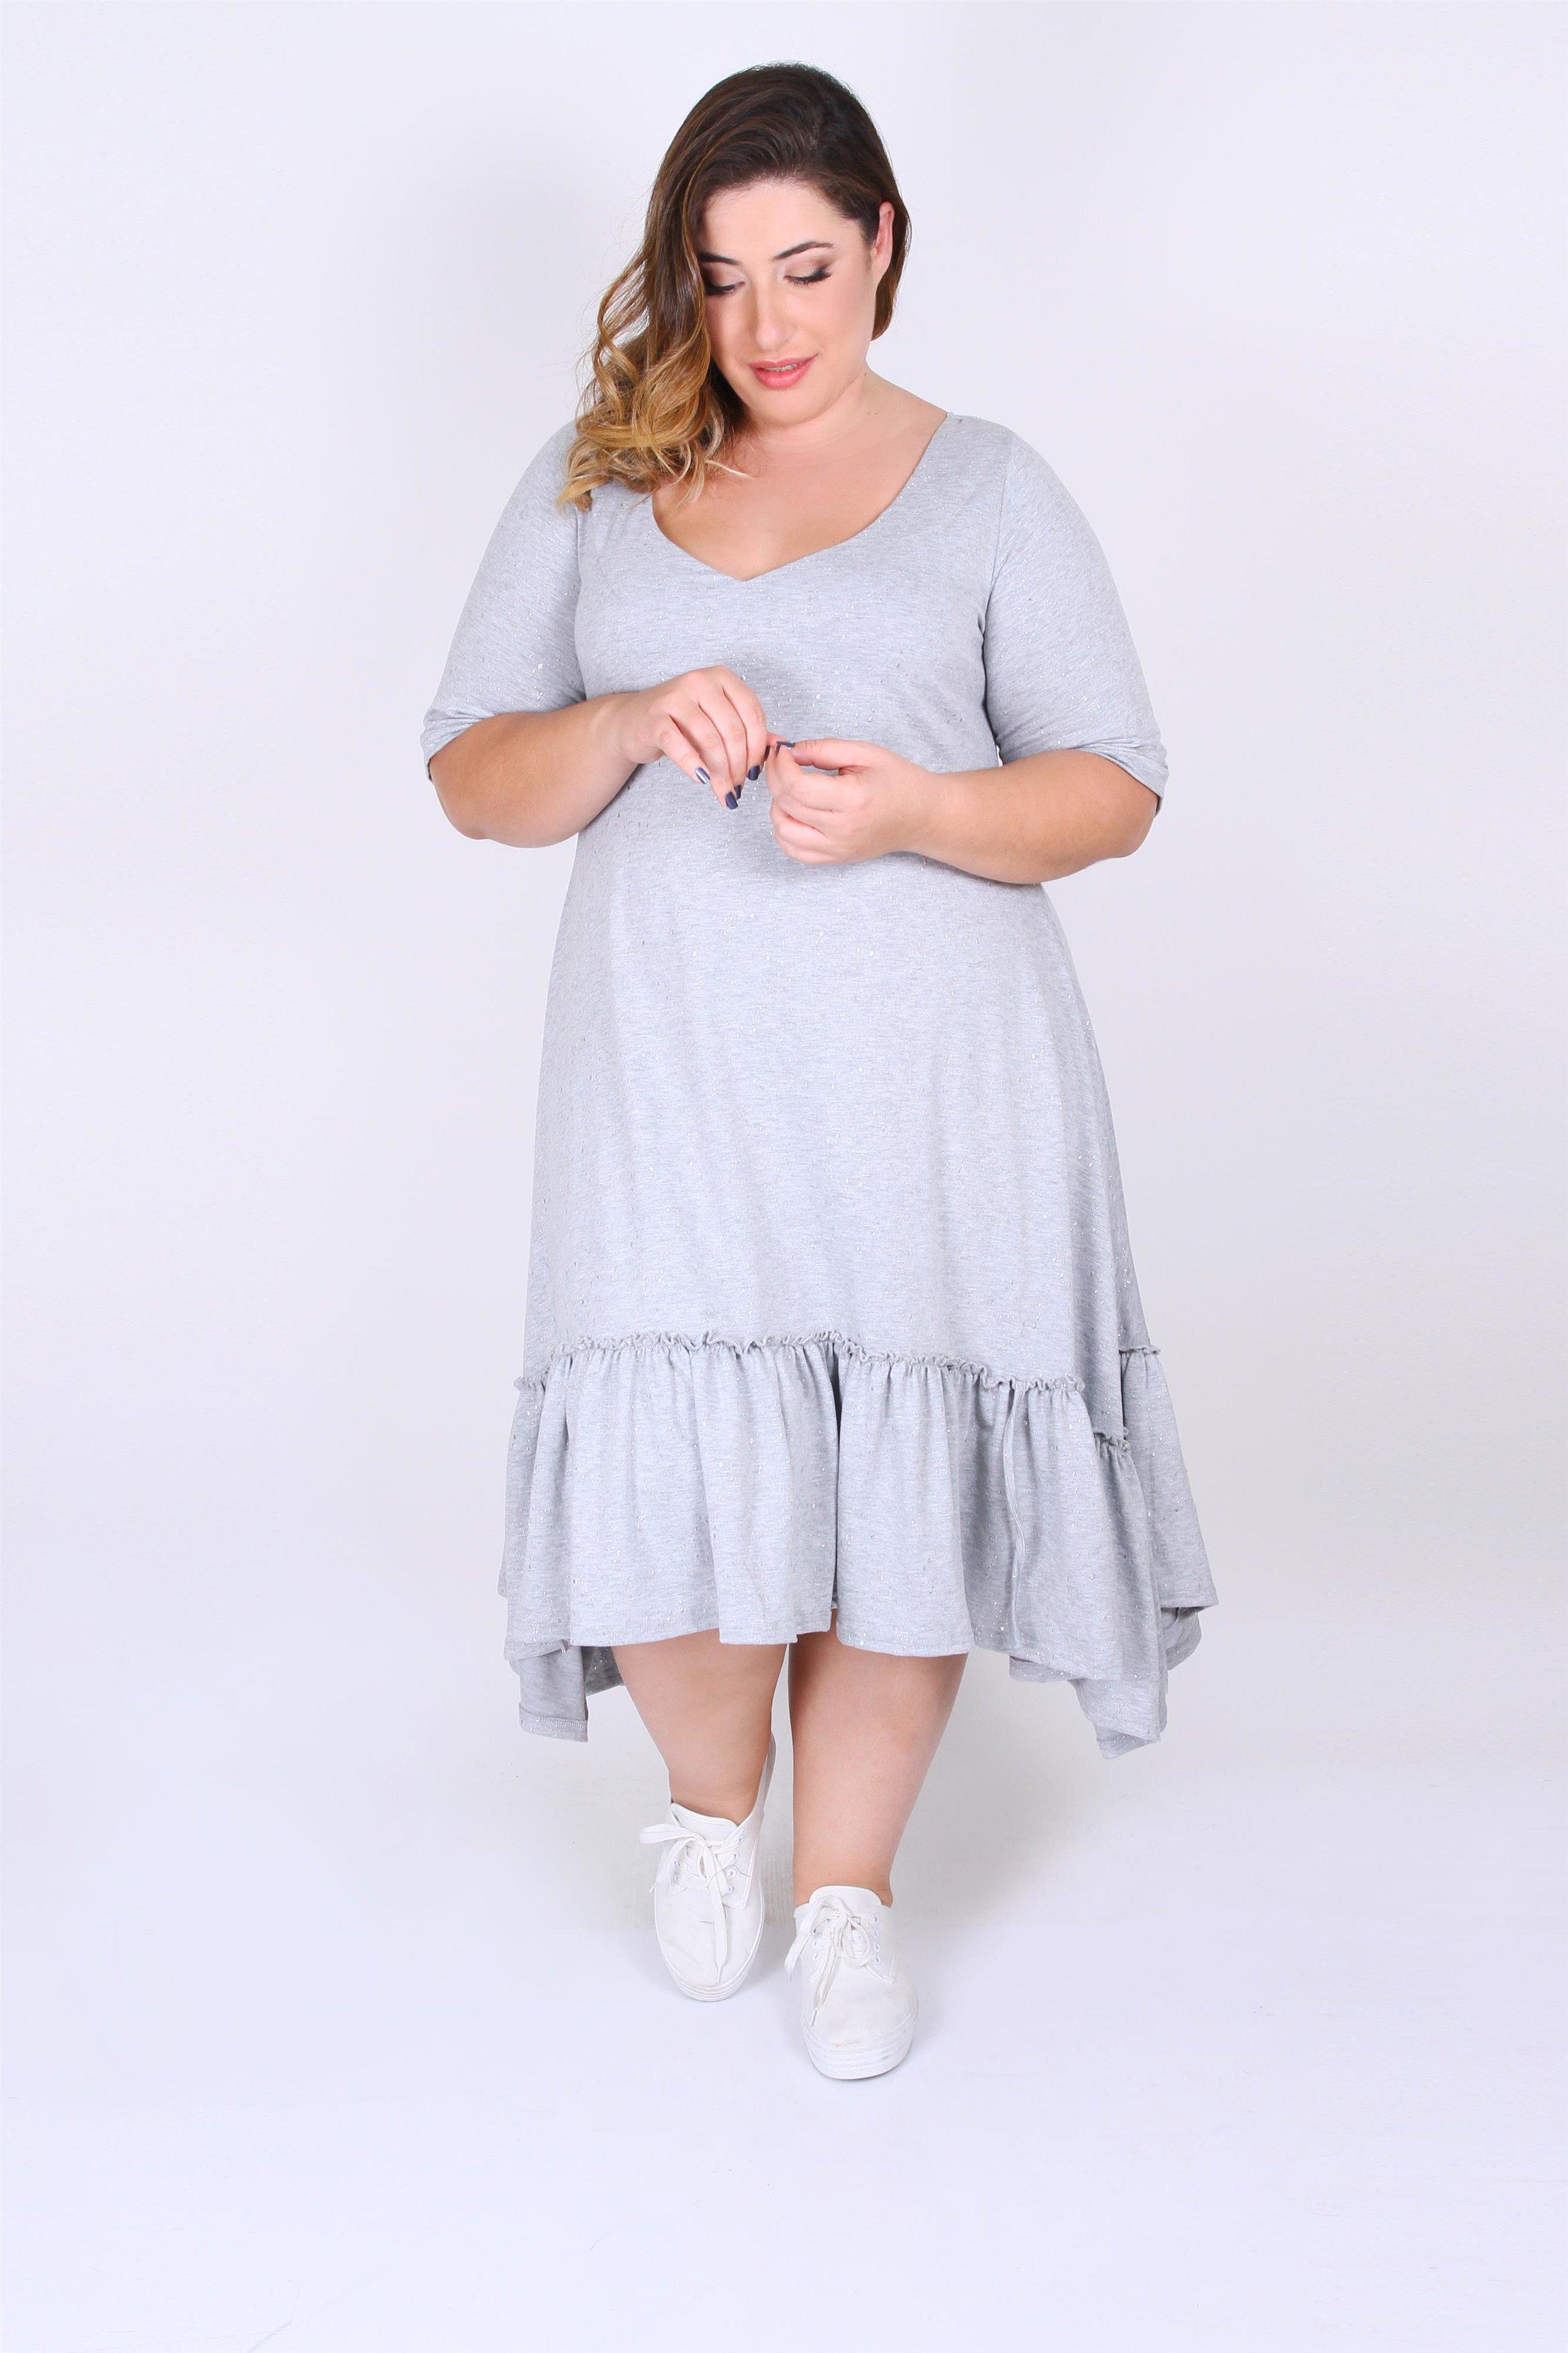 Shani Klein + Queen Size. Geula Dress 399 Ils. Photo Sally Ben-Arie (4).jpg